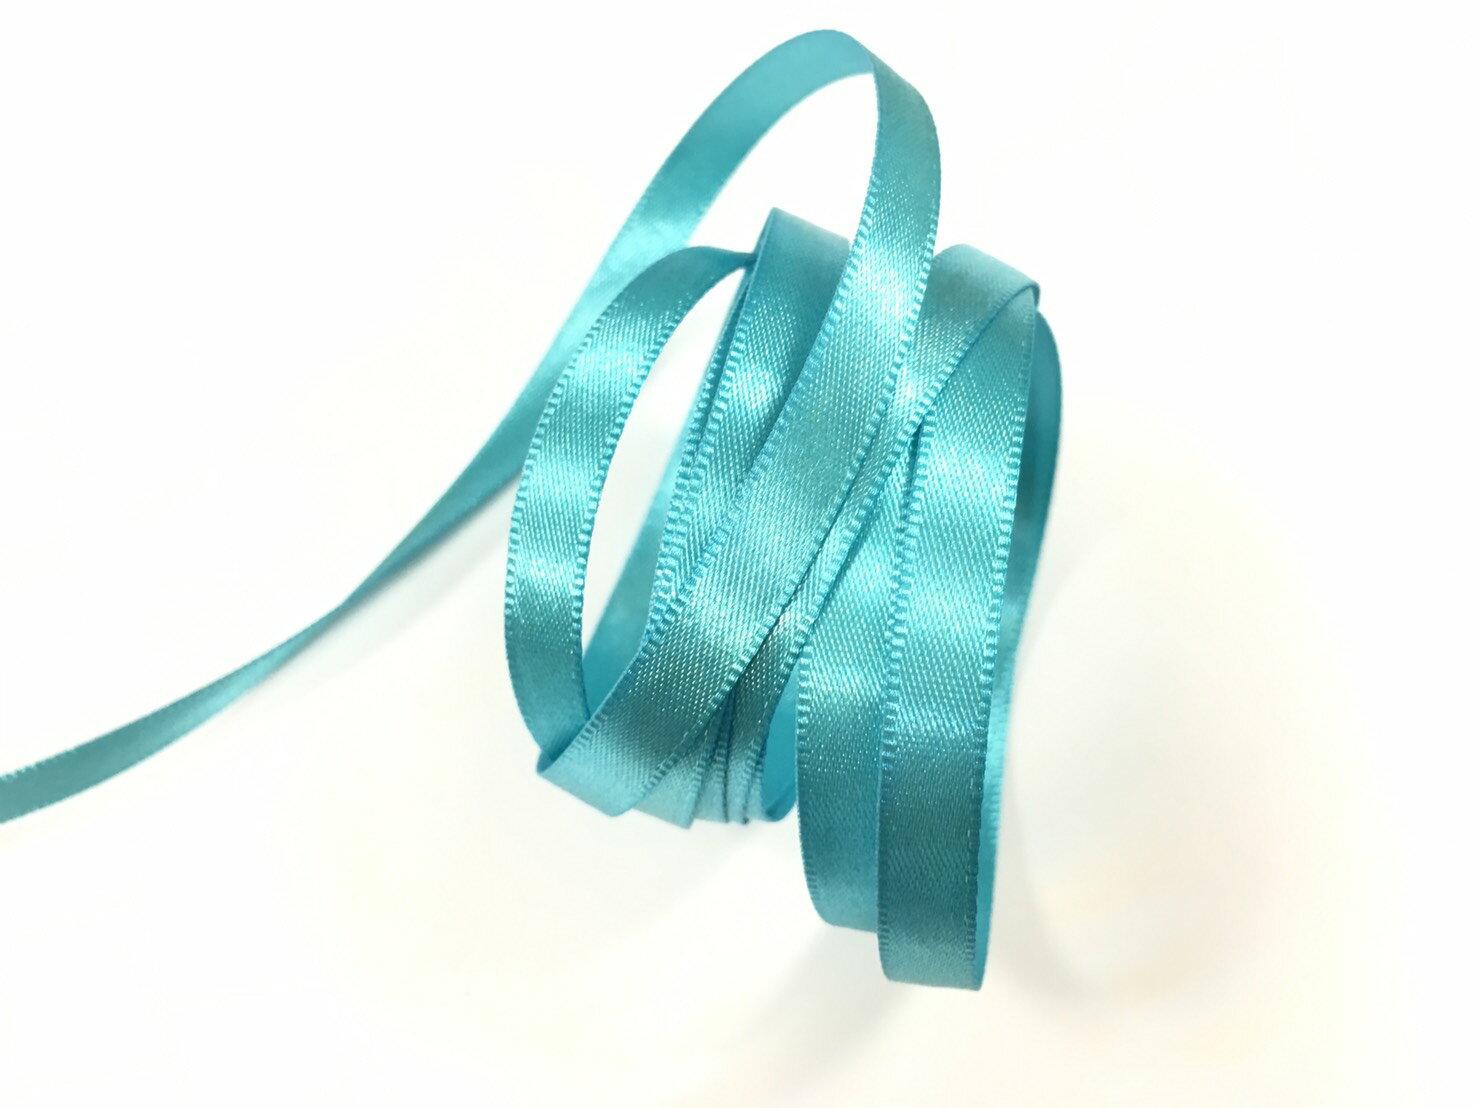 雙面緞面緞帶 6mm 3碼 (20色) 4